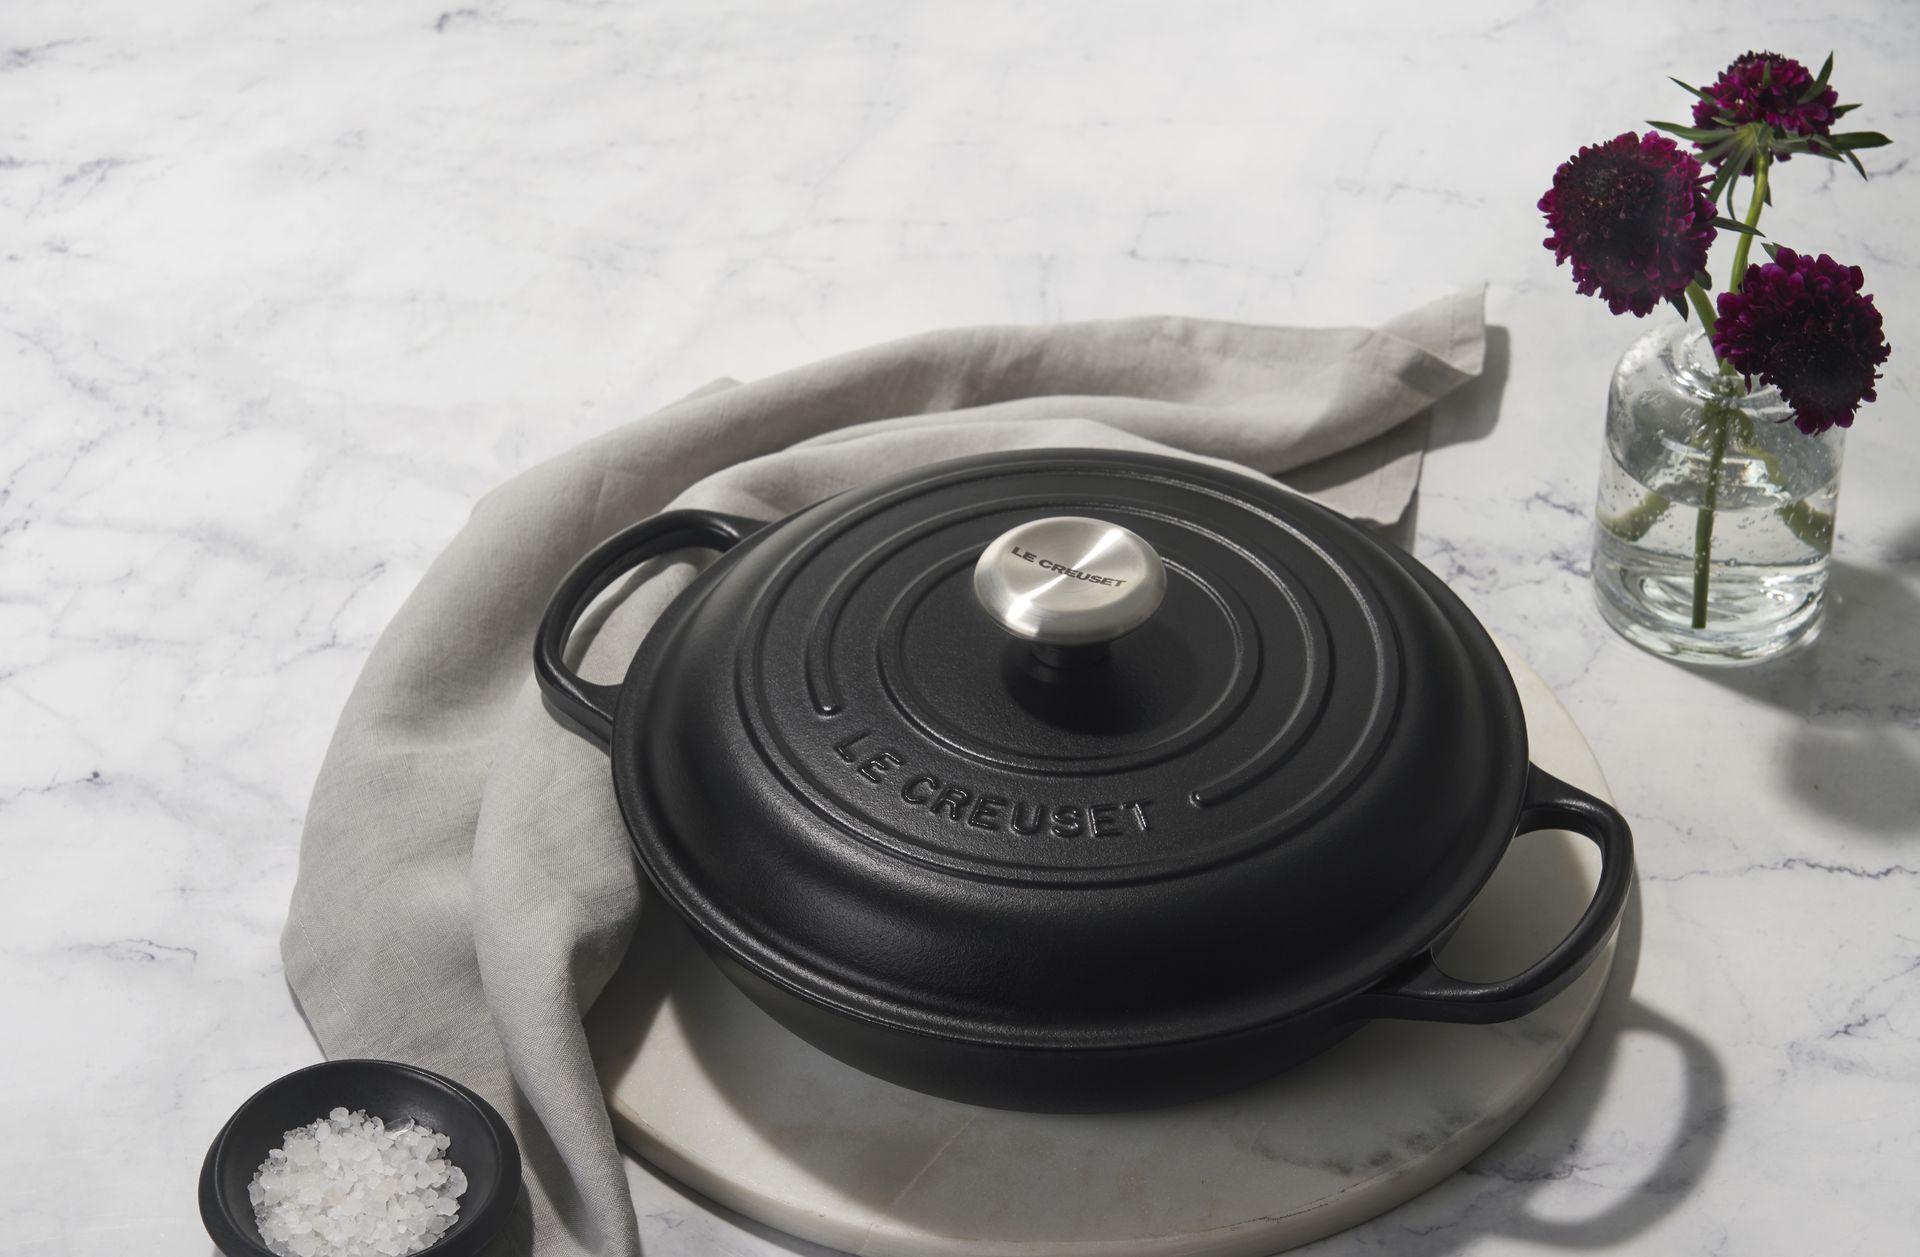 Le Creuset Gourmet-Profitopf Signature 26 cm Schwarz